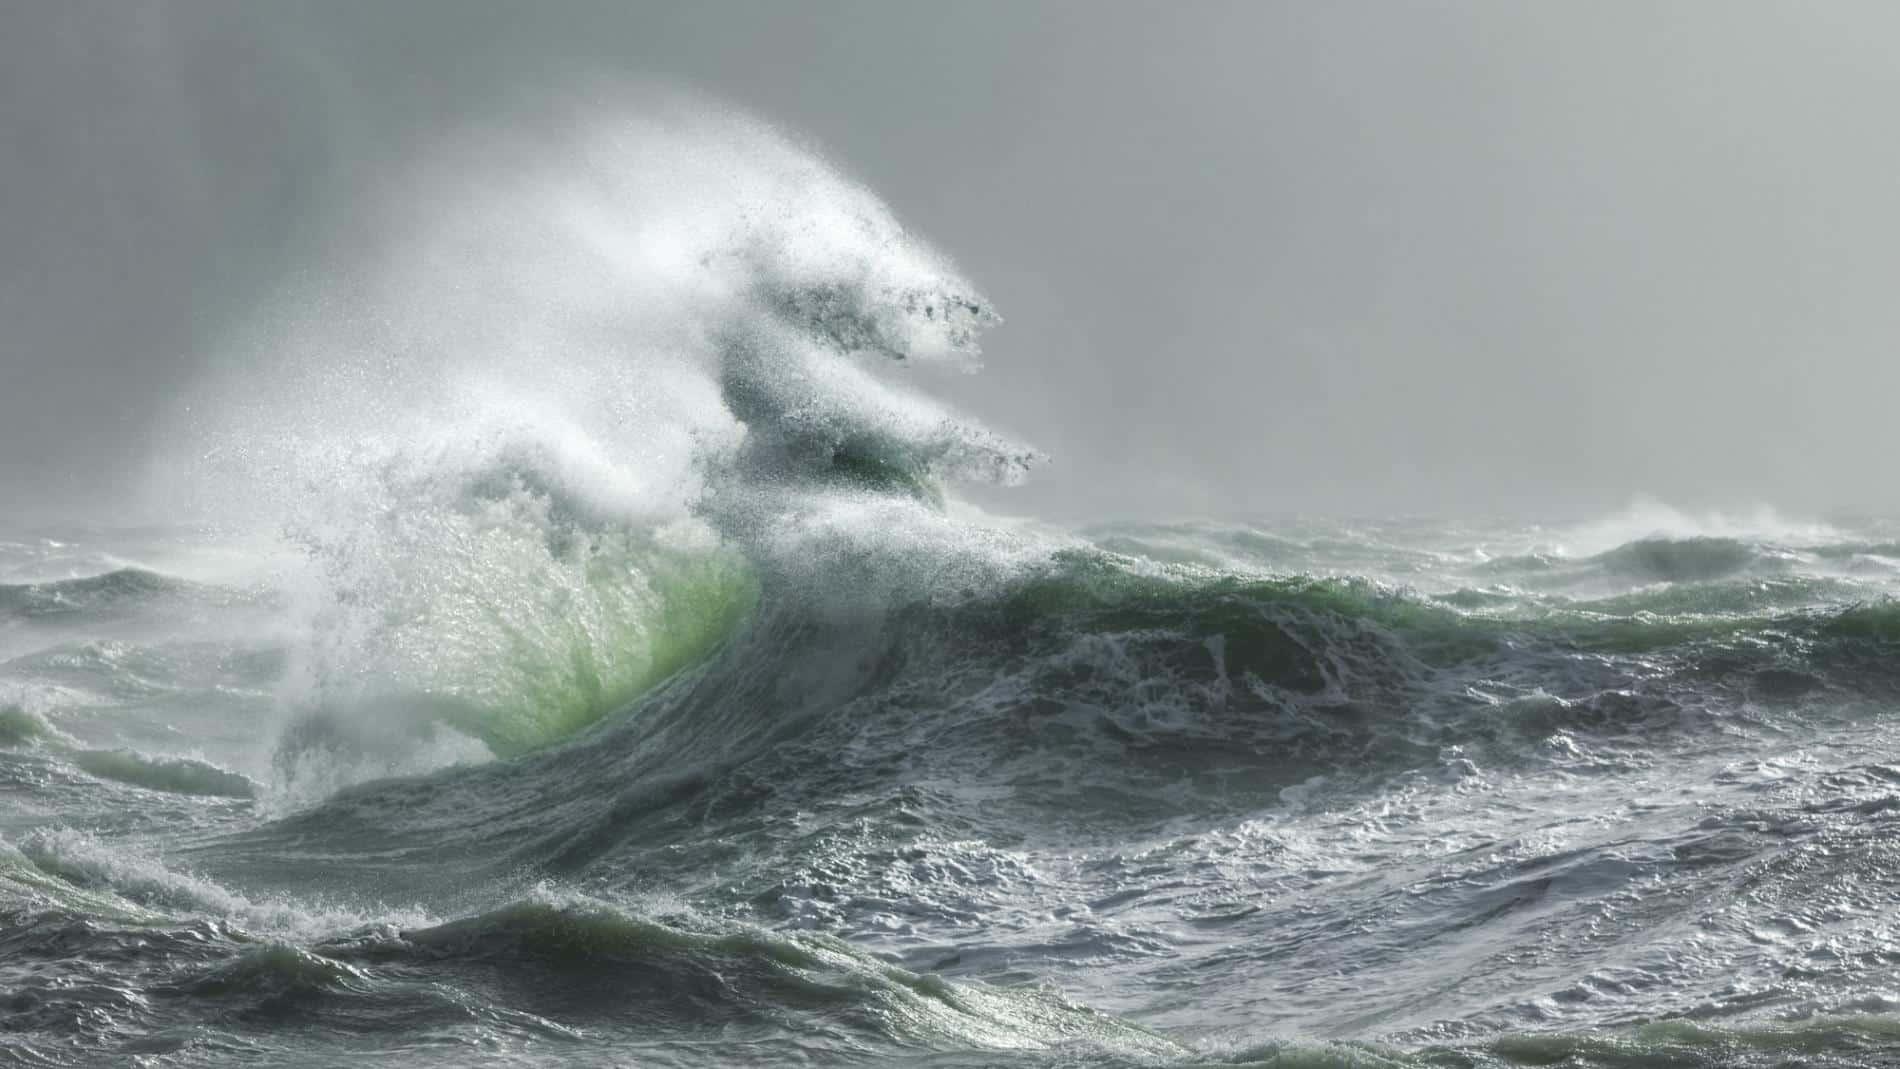 talibart tormentas y mareas makara